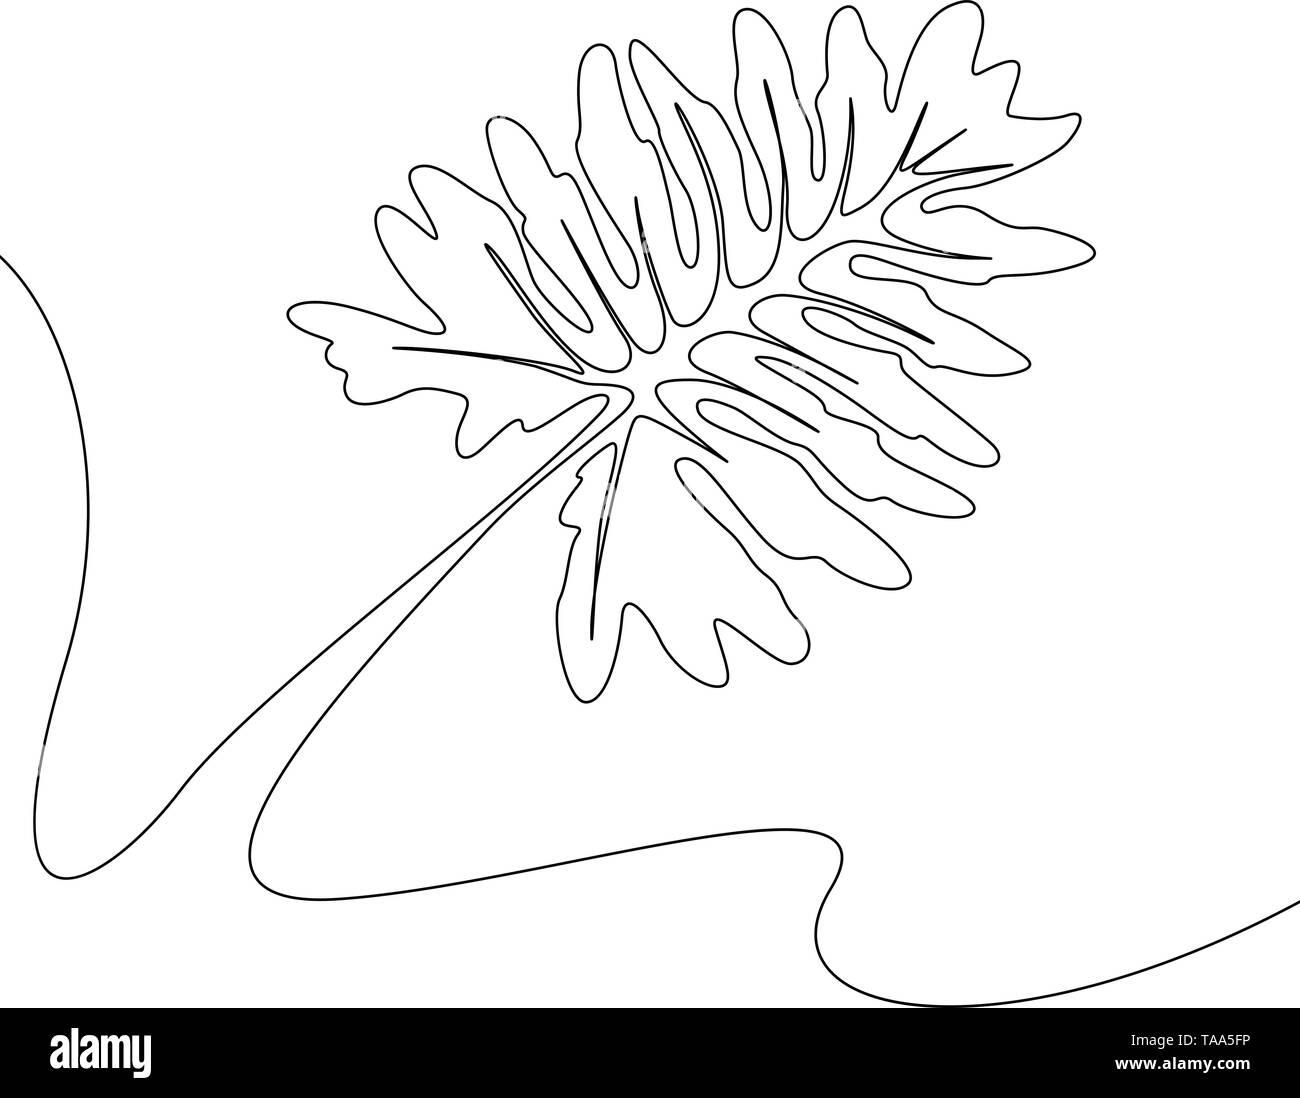 Eine Strichzeichnung tropischer Flora. Kontinuierliche Linie exotische Pflanze. Stockbild